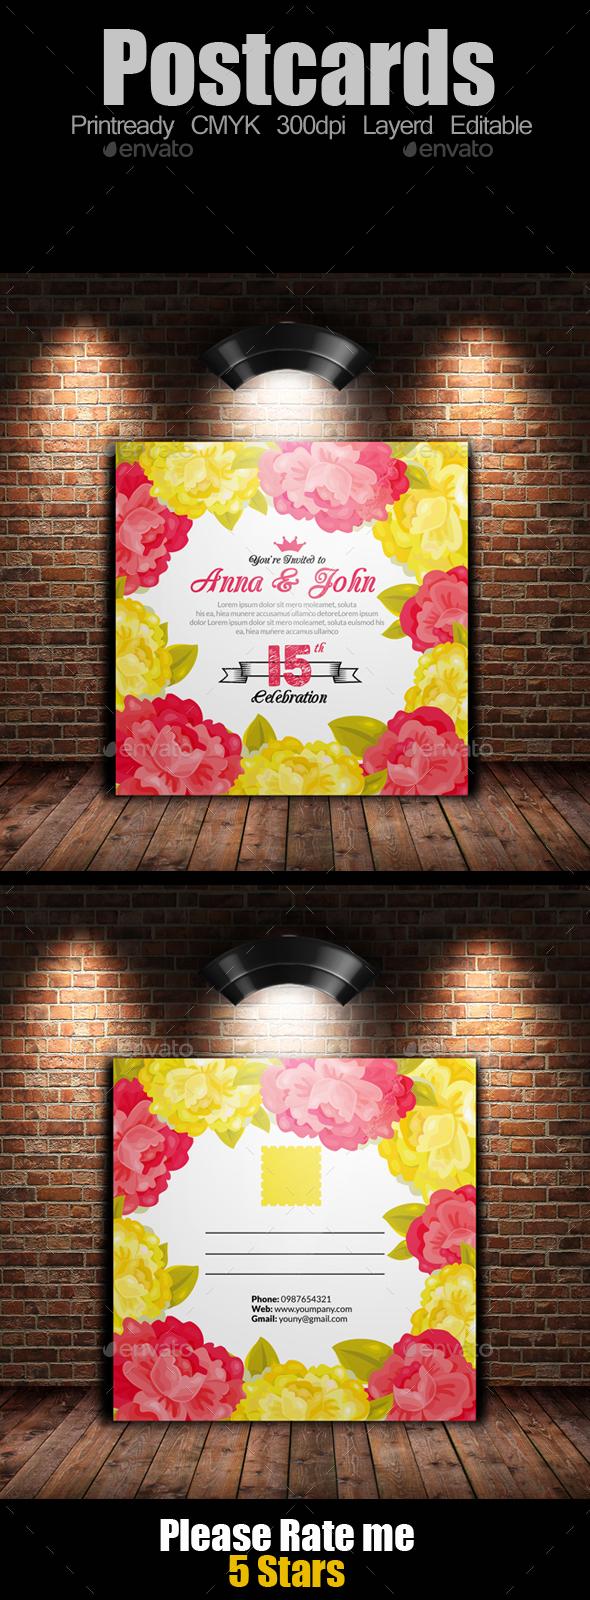 Square Postcard Template - Invitations Cards & Invites